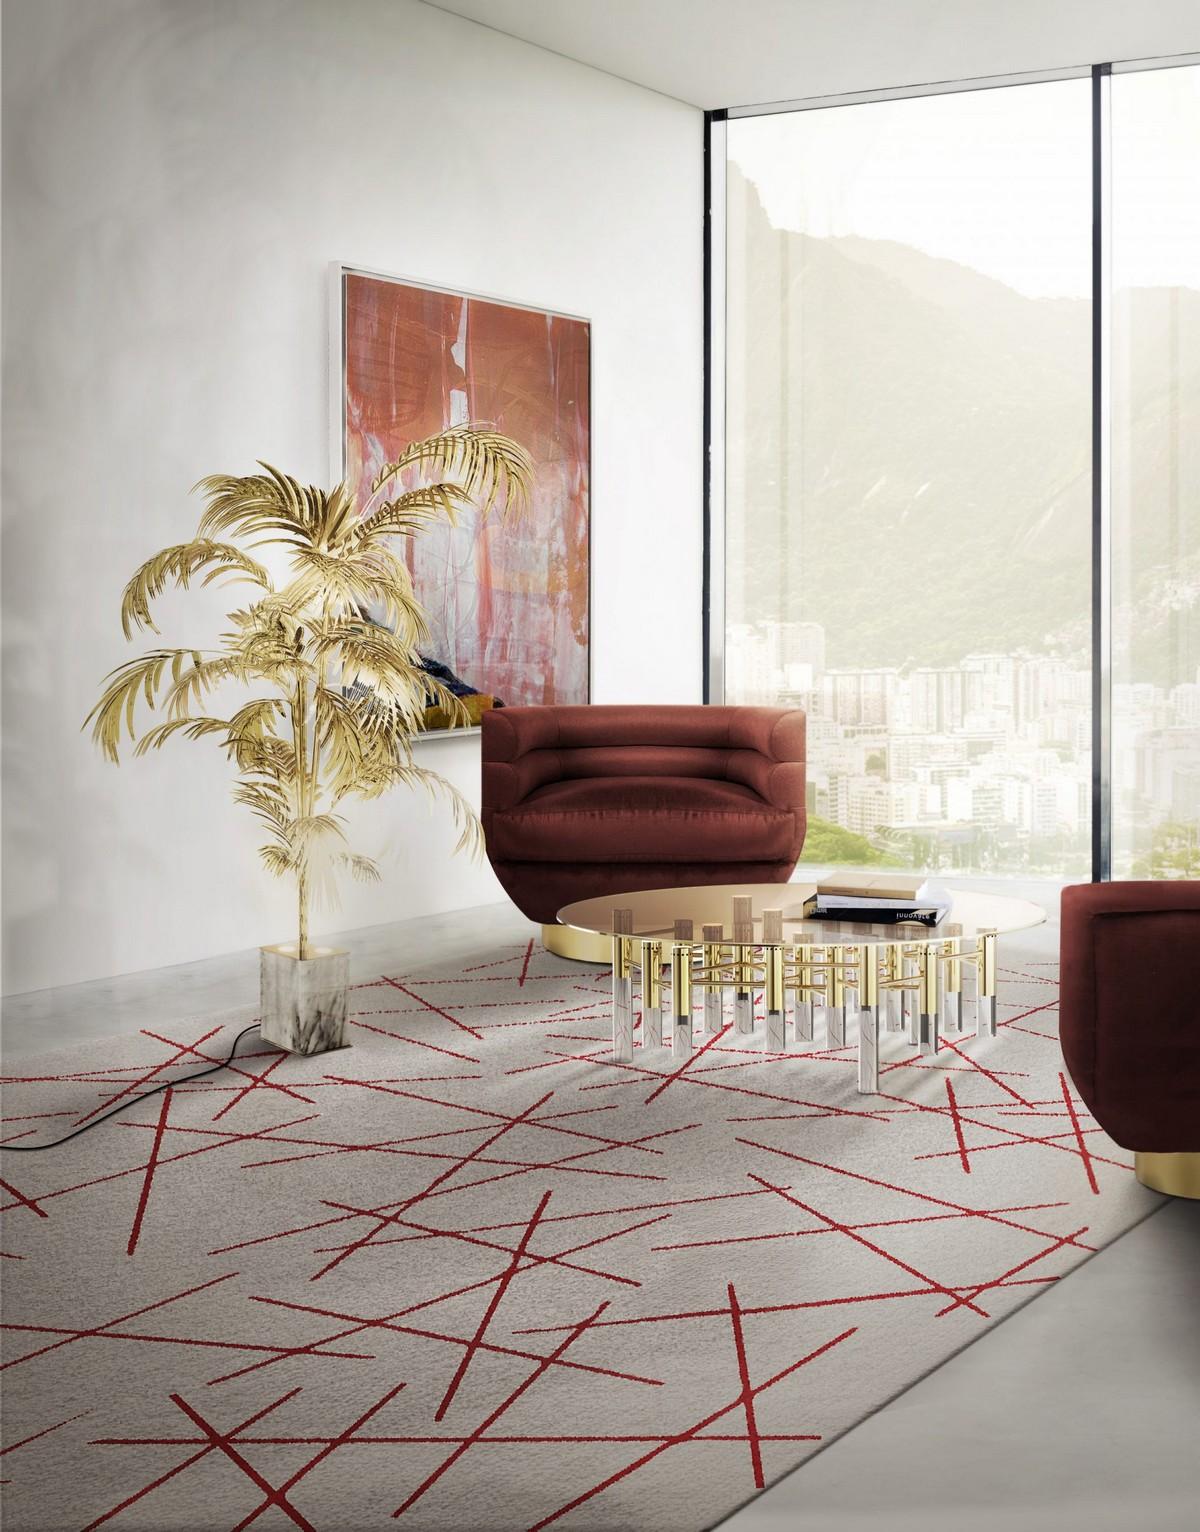 Trendy Living Room Accessories (Part II)